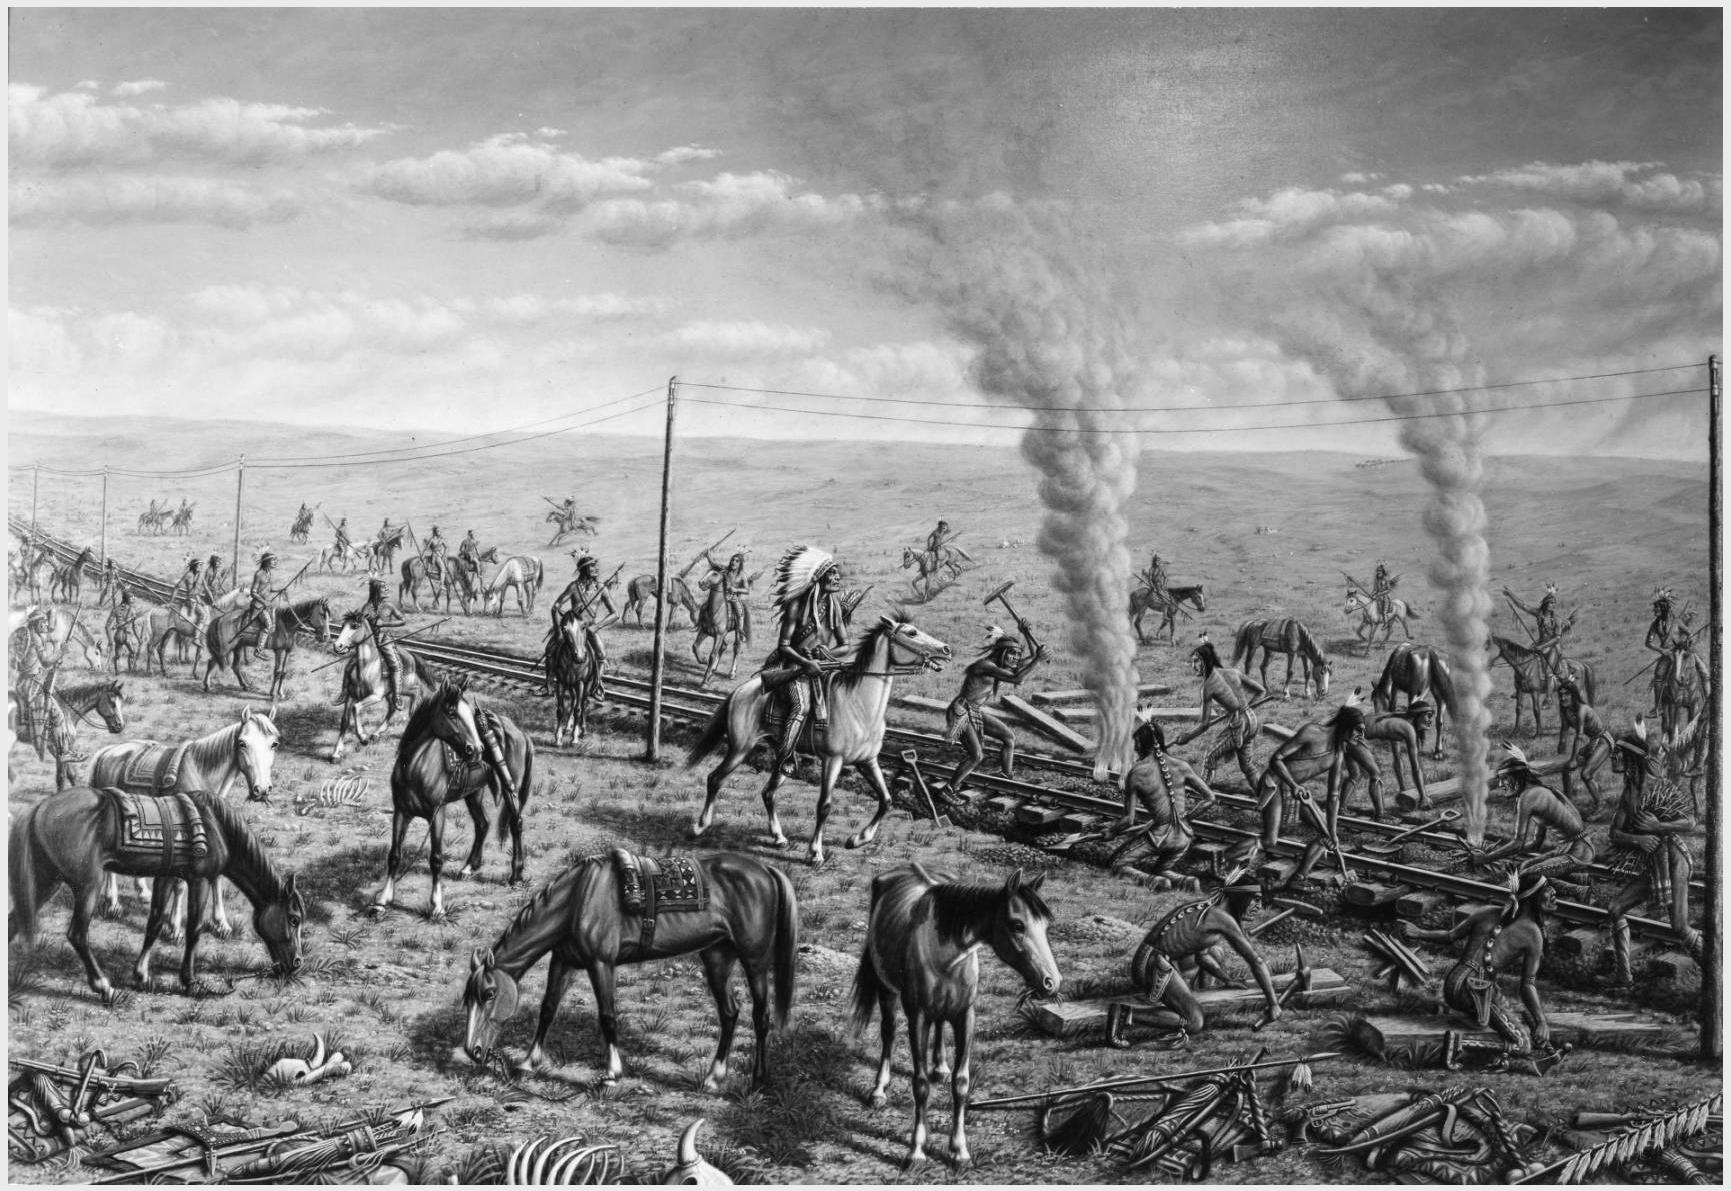 الأمريكيون الأوائل – نظرة على التاريخ الامريكي (الجزء 5)